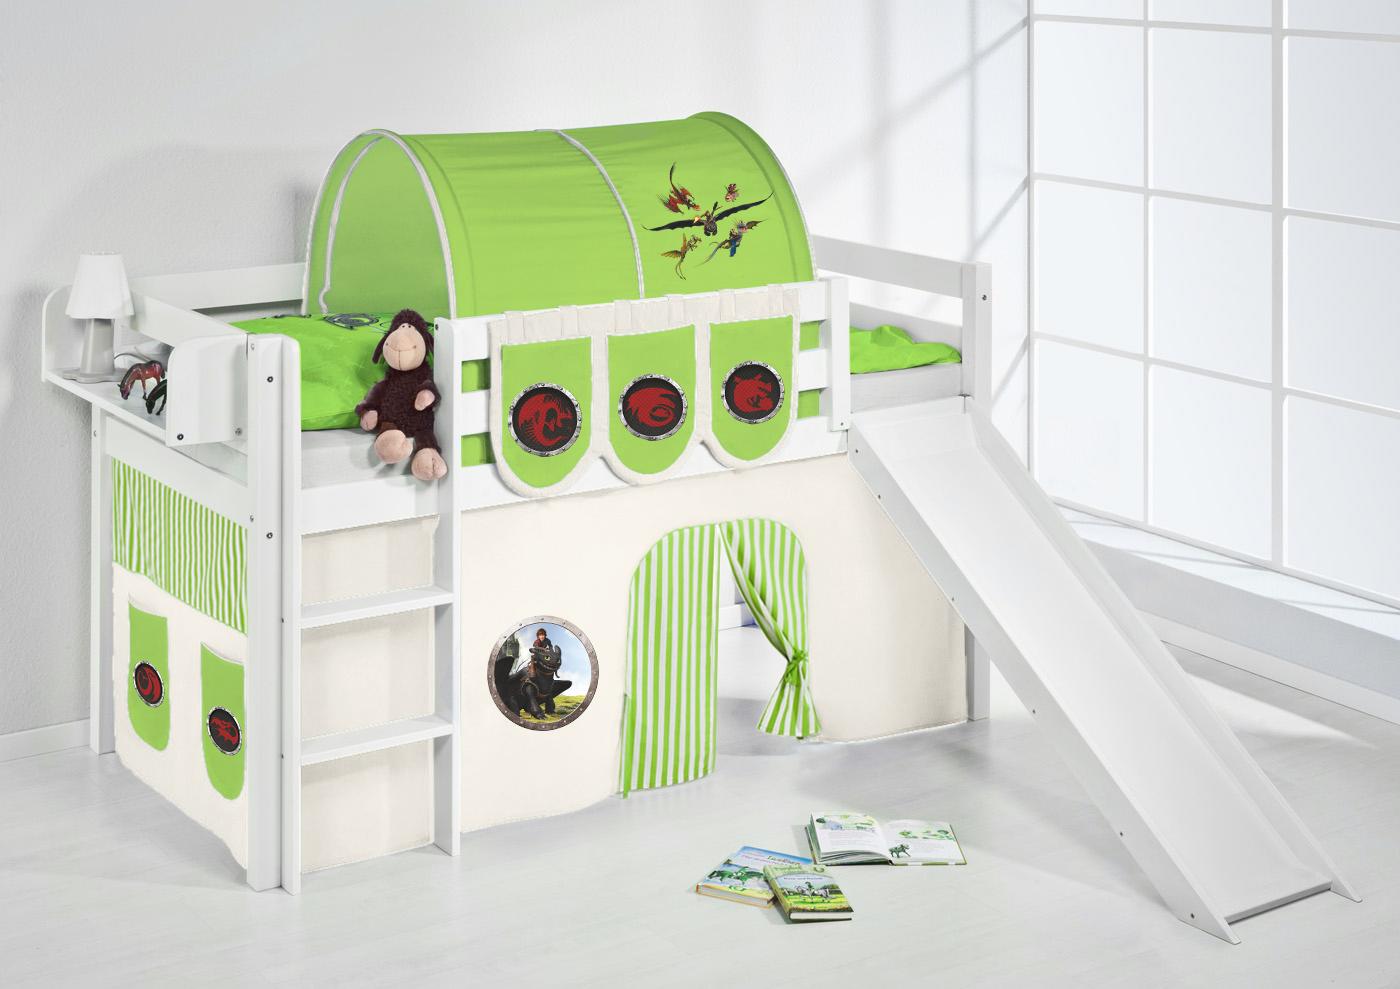 spielbett hochbett kinderbett jelle weiss mit rutsche vorhang lilokids ebay. Black Bedroom Furniture Sets. Home Design Ideas